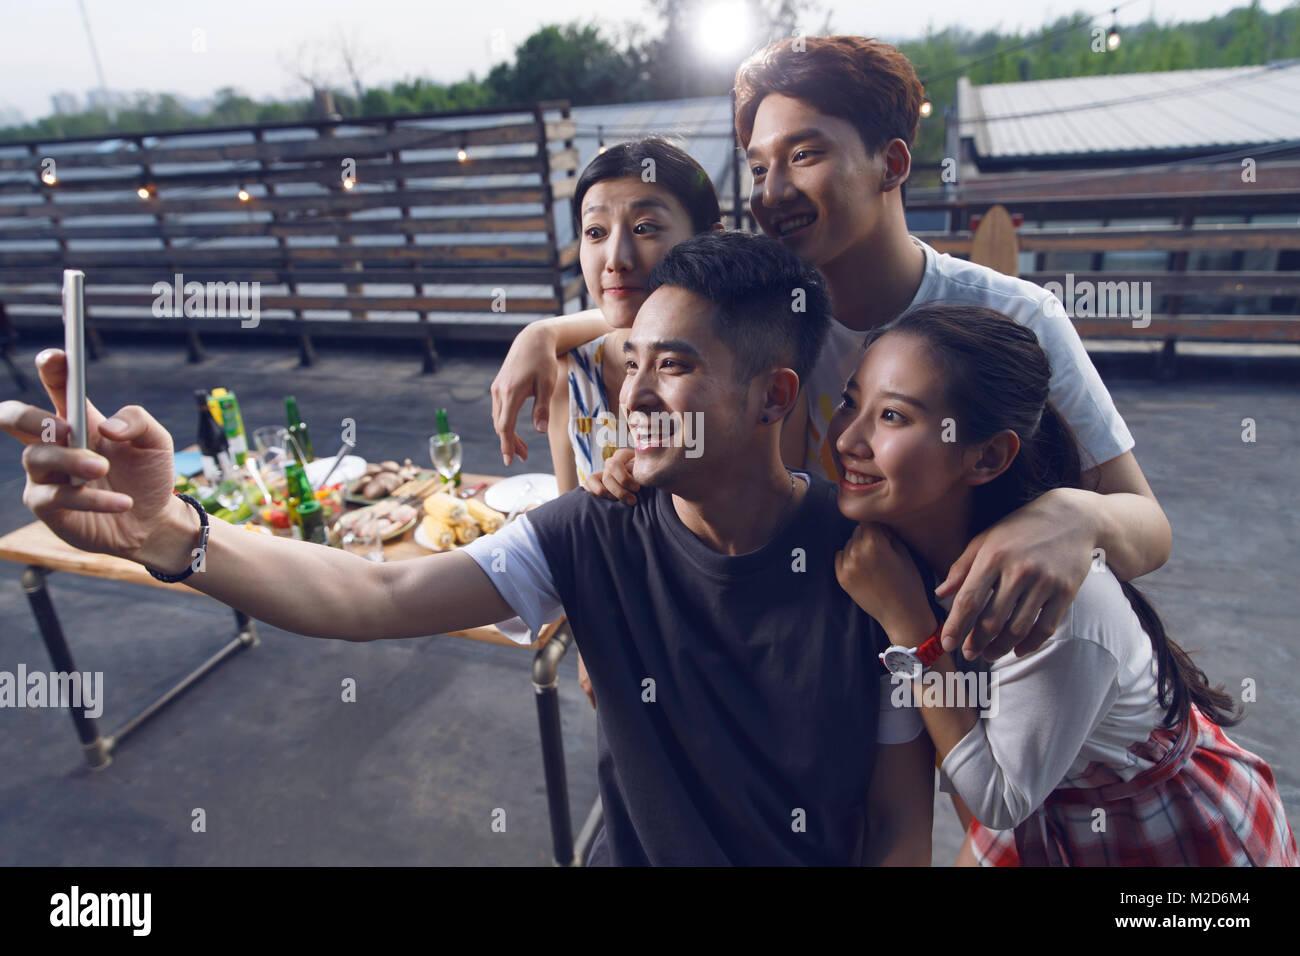 Junge Menschen nehmen Bilder mit ihren Handys Stockbild